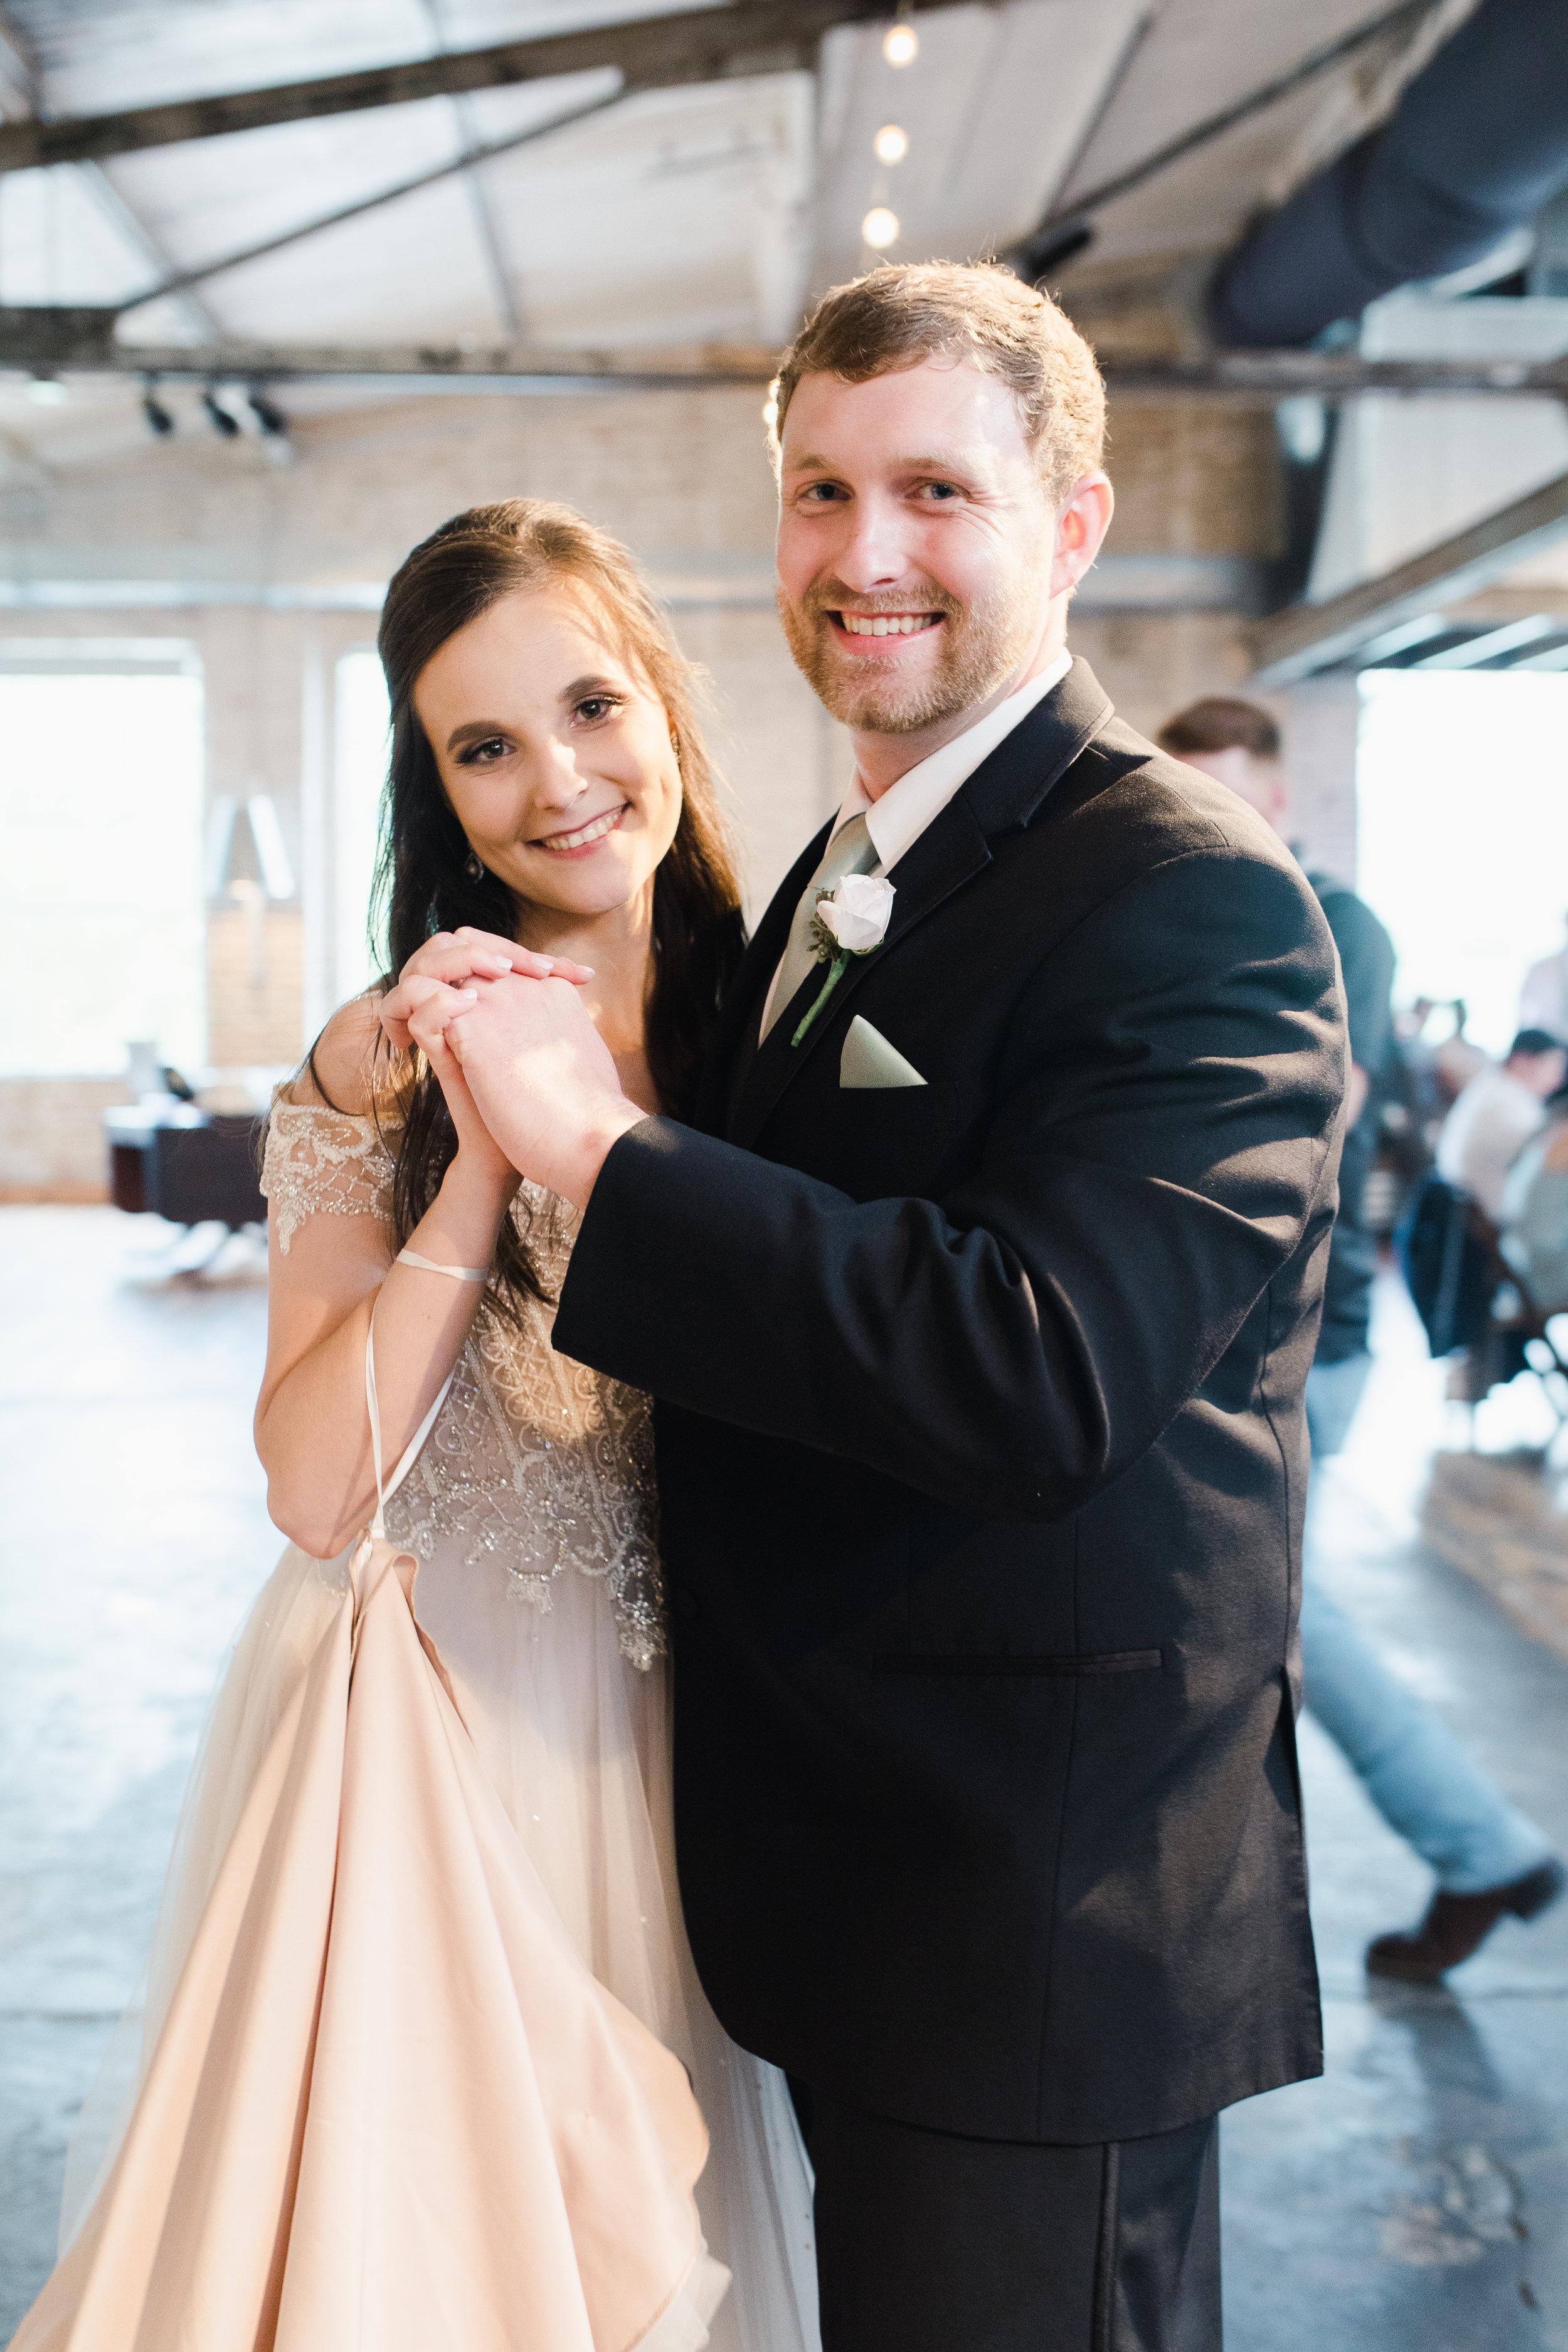 Stewart Wedding 3-19.jpg